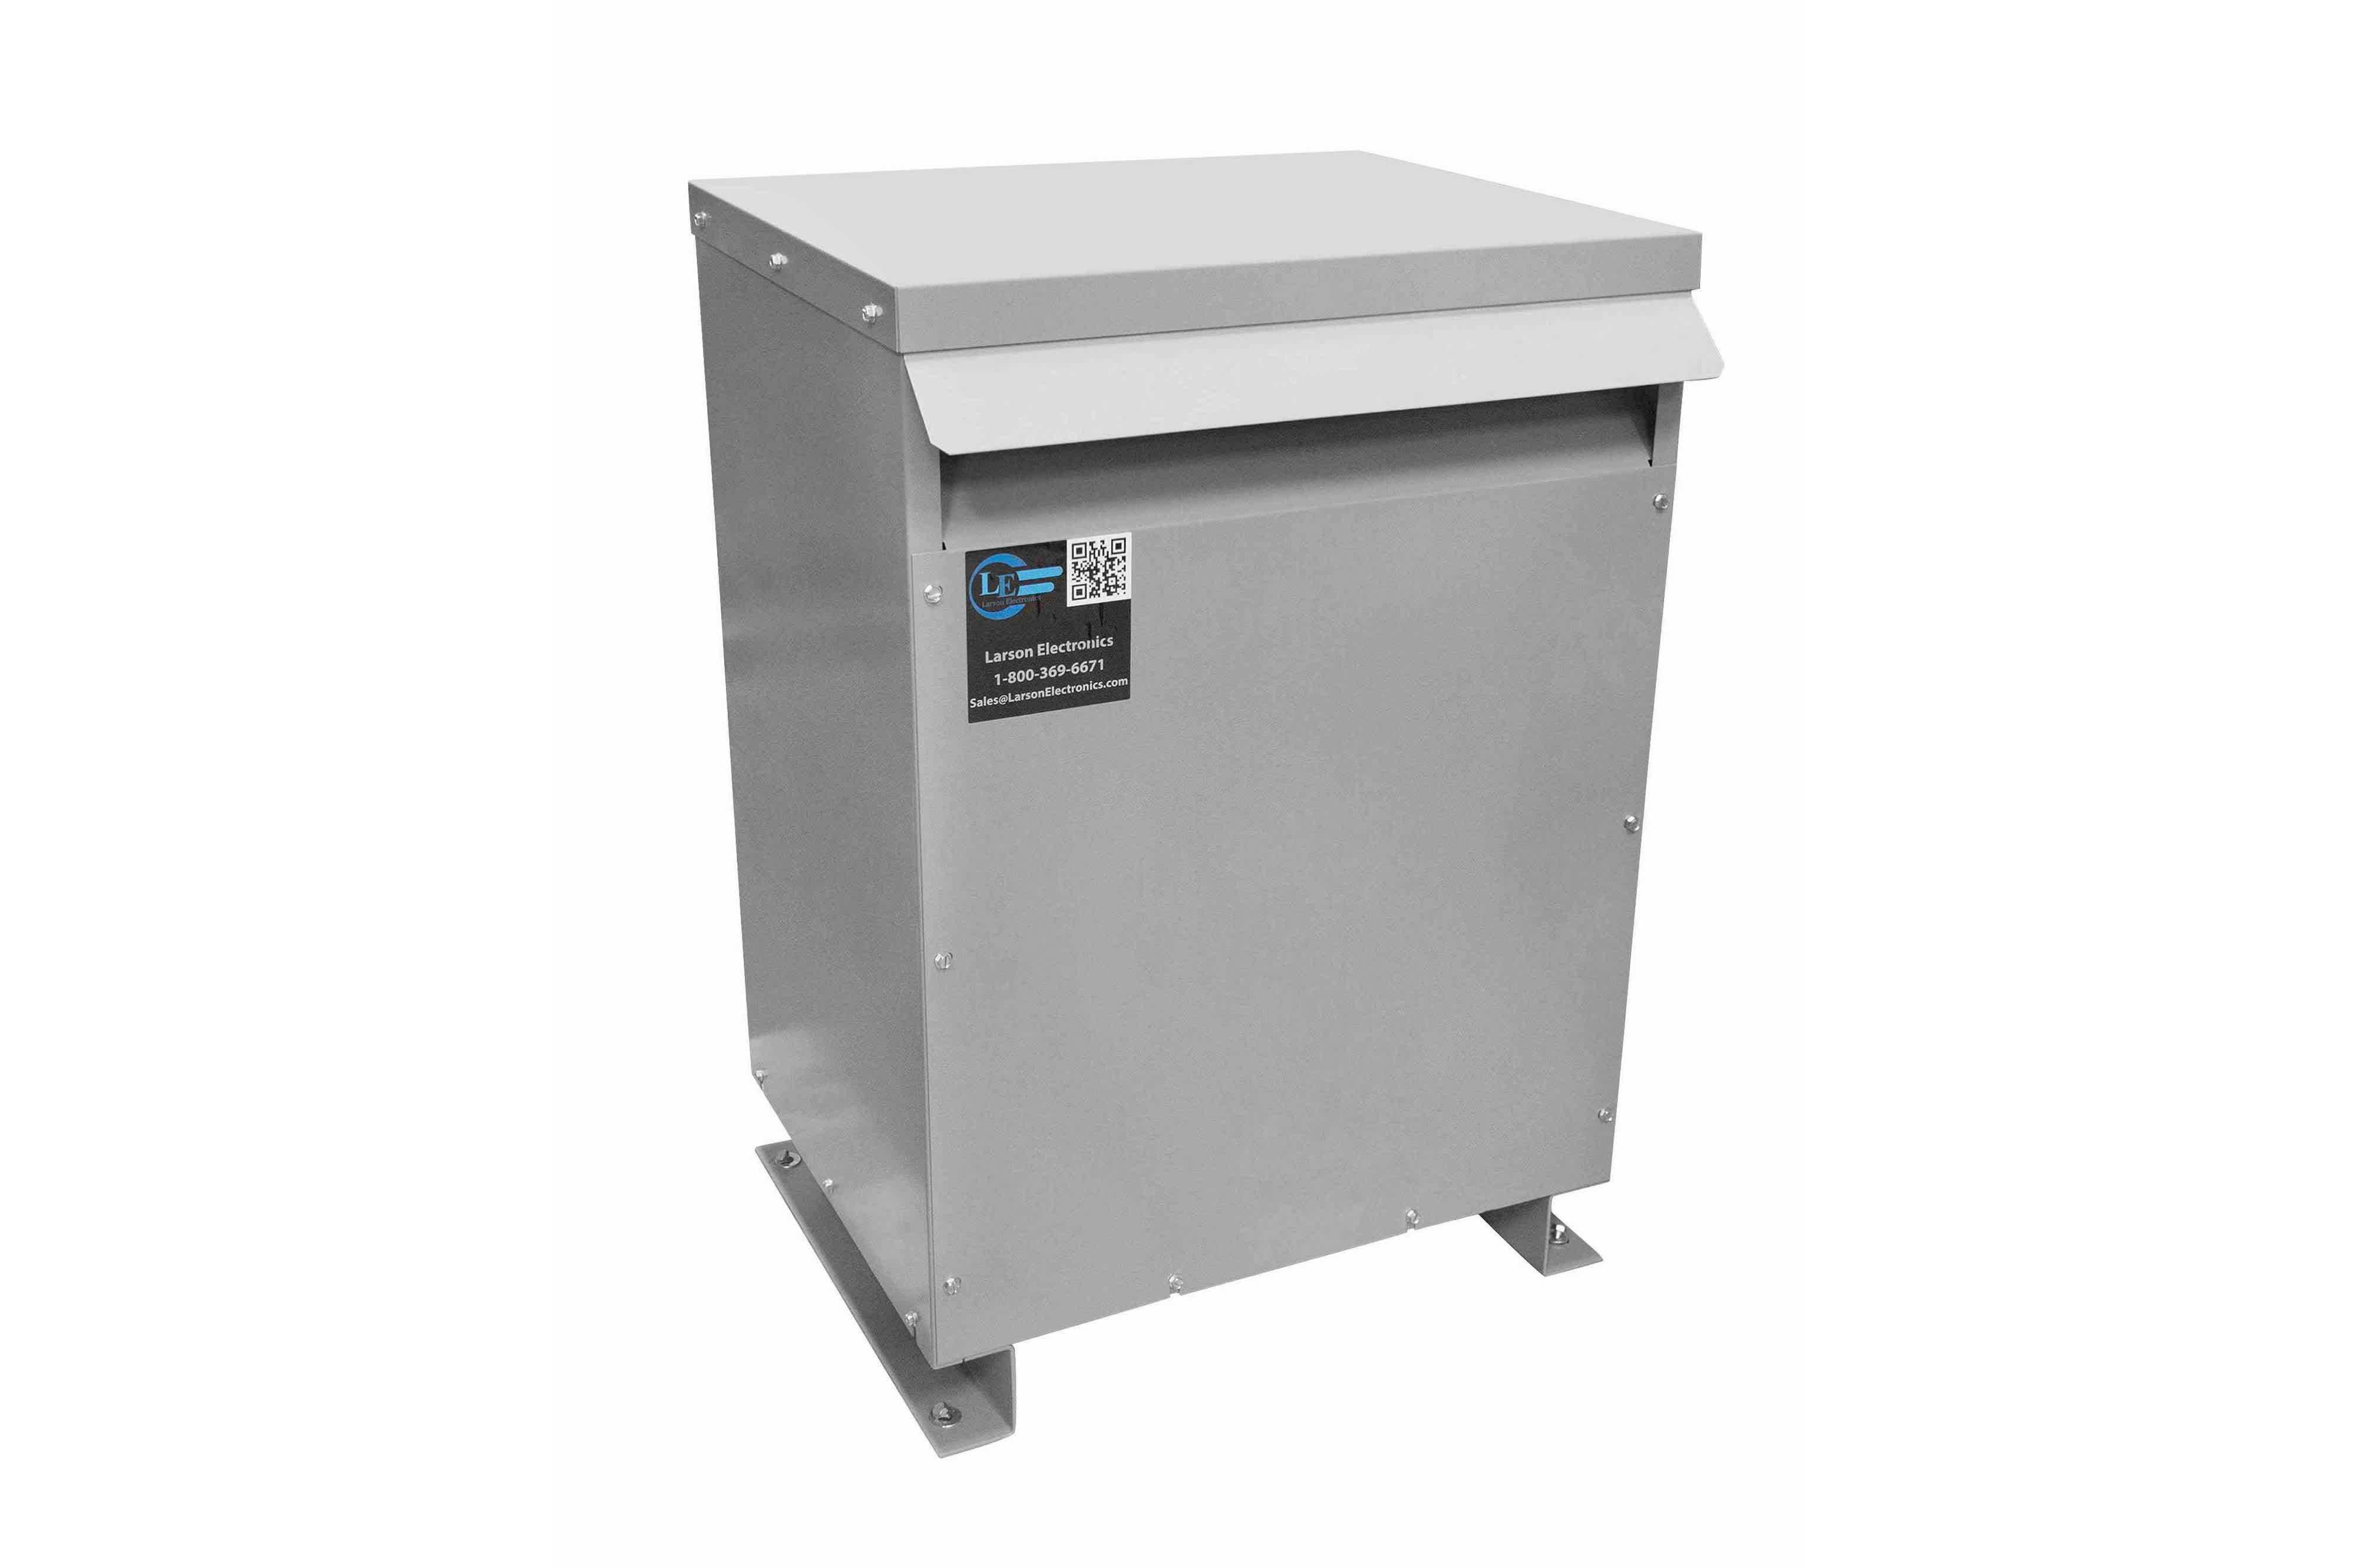 27 kVA 3PH Isolation Transformer, 415V Delta Primary, 600V Delta Secondary, N3R, Ventilated, 60 Hz